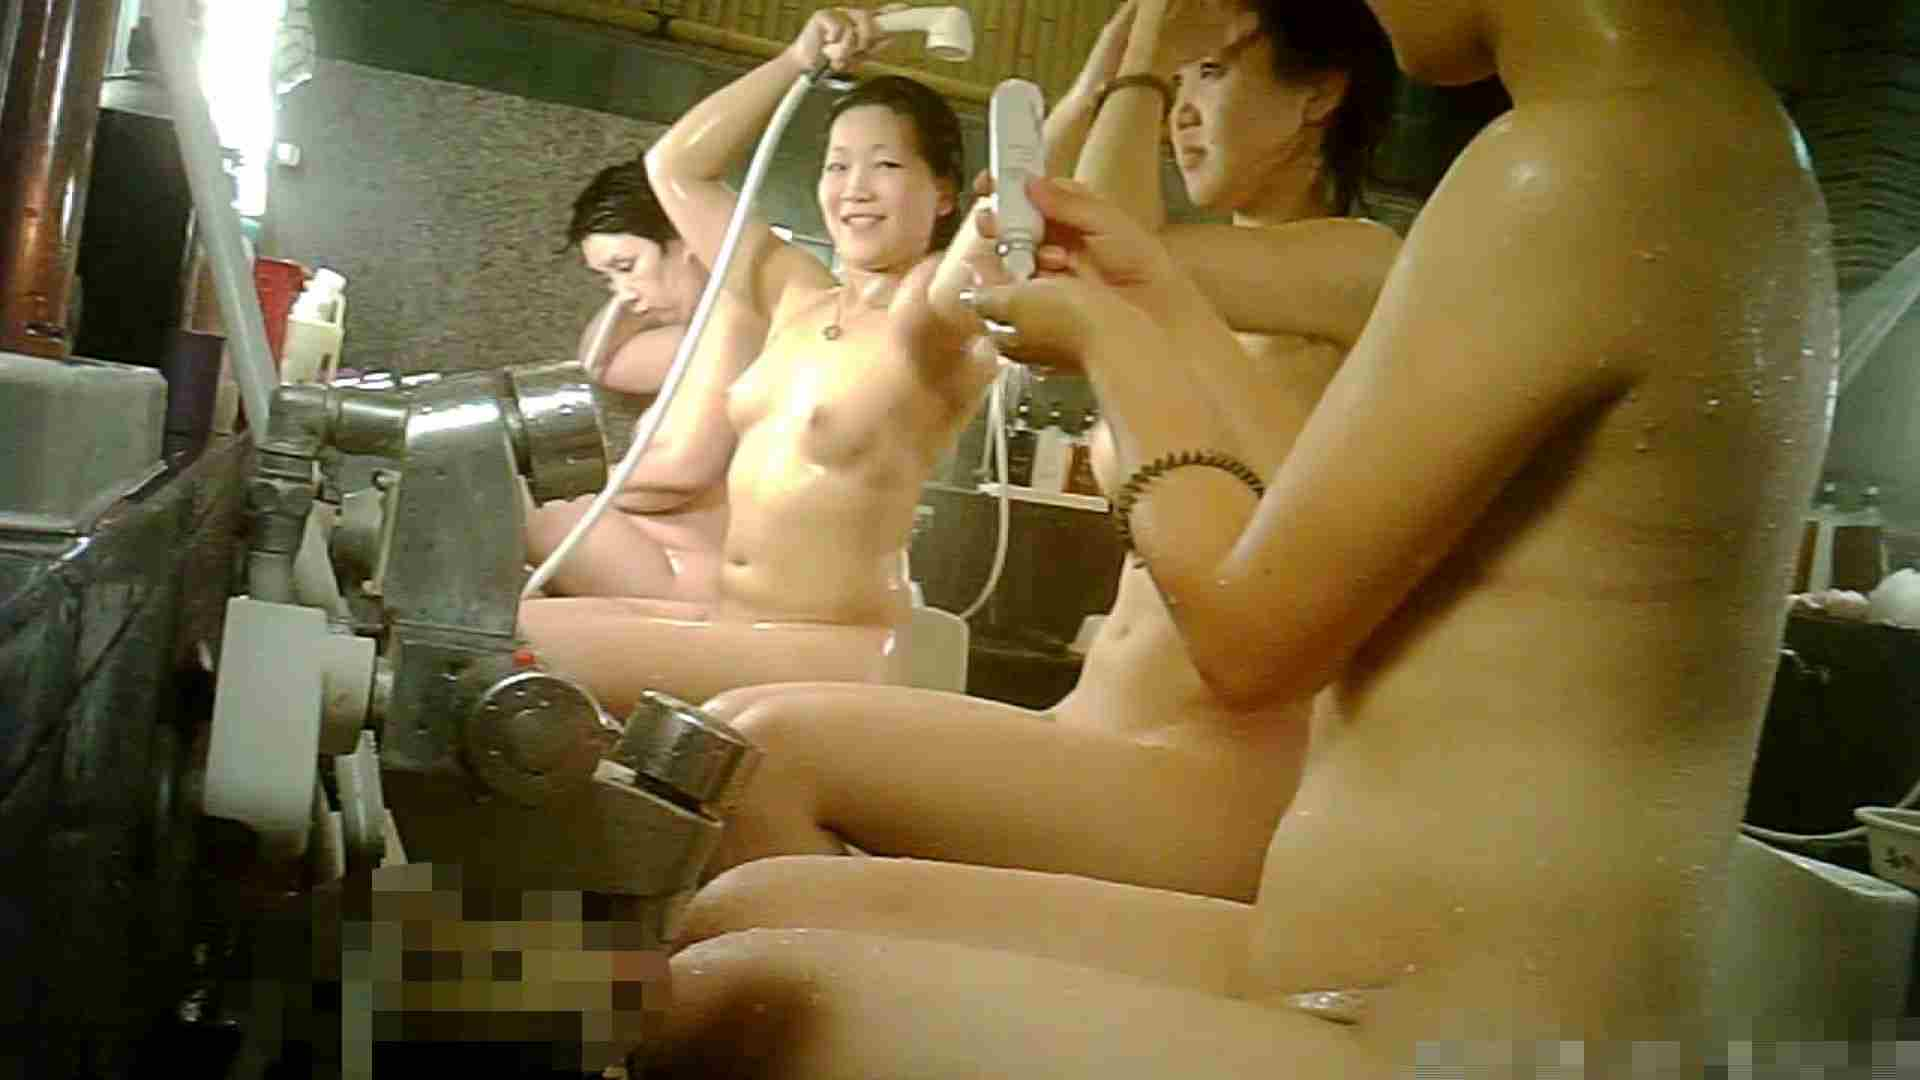 手を染めてしまった女性盗撮師の女風呂潜入記 vol.006 高画質 アダルト動画キャプチャ 100PIX 57